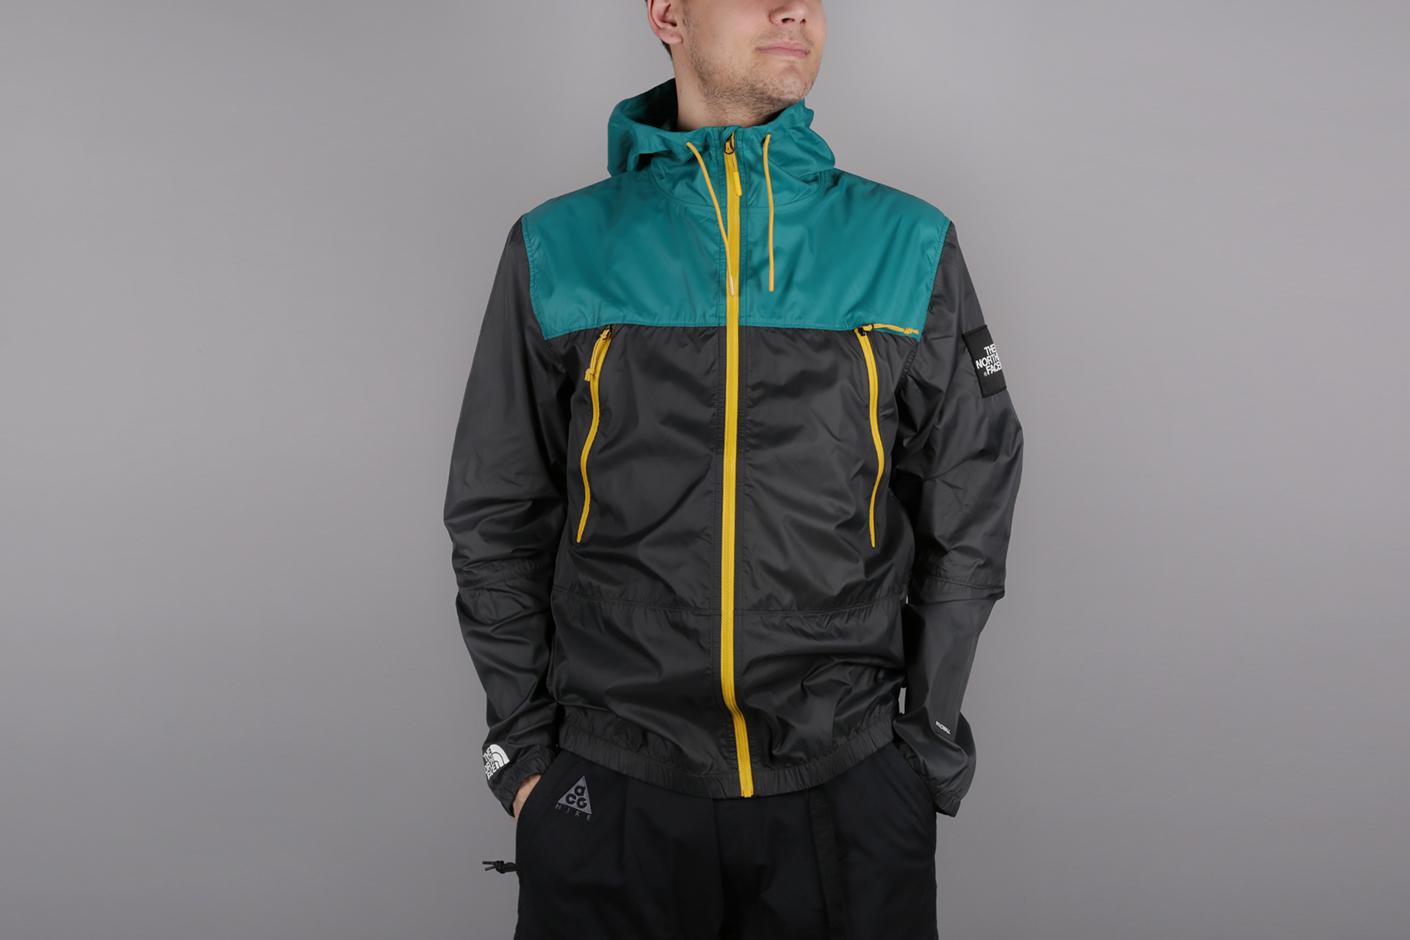 Купить товары The North Face (Норт Фейс) по цене от 1800 рублей с доставкой  по Москве и России в интернет-магазине Sneakerhead 00247f214a4a5